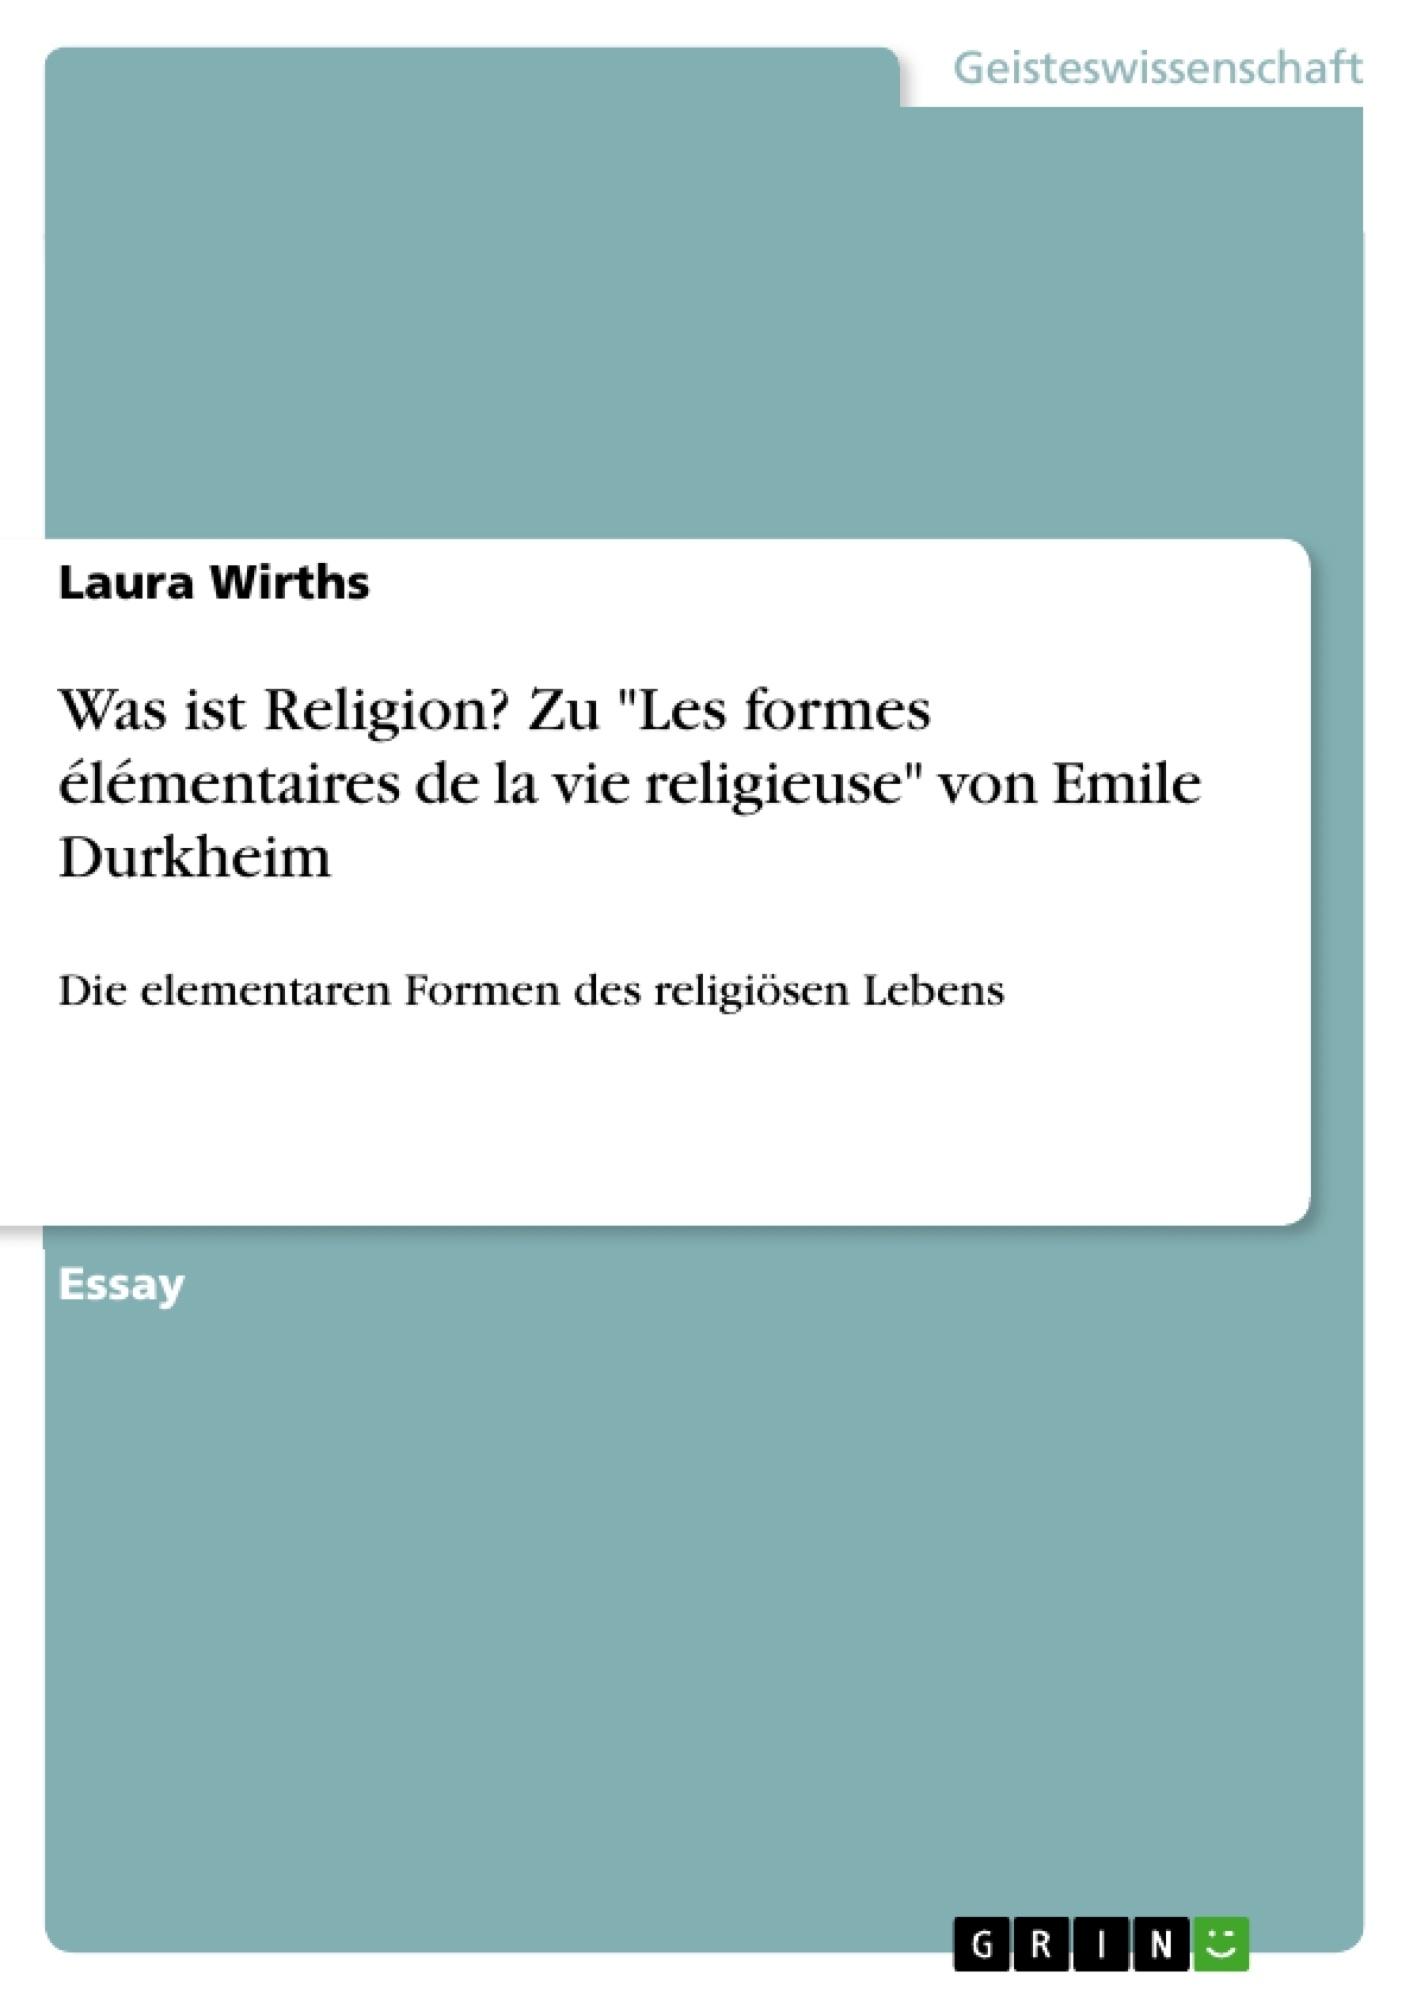 """Titel: Was ist Religion? Zu """"Les formes élémentaires de la vie religieuse"""" von Emile Durkheim"""